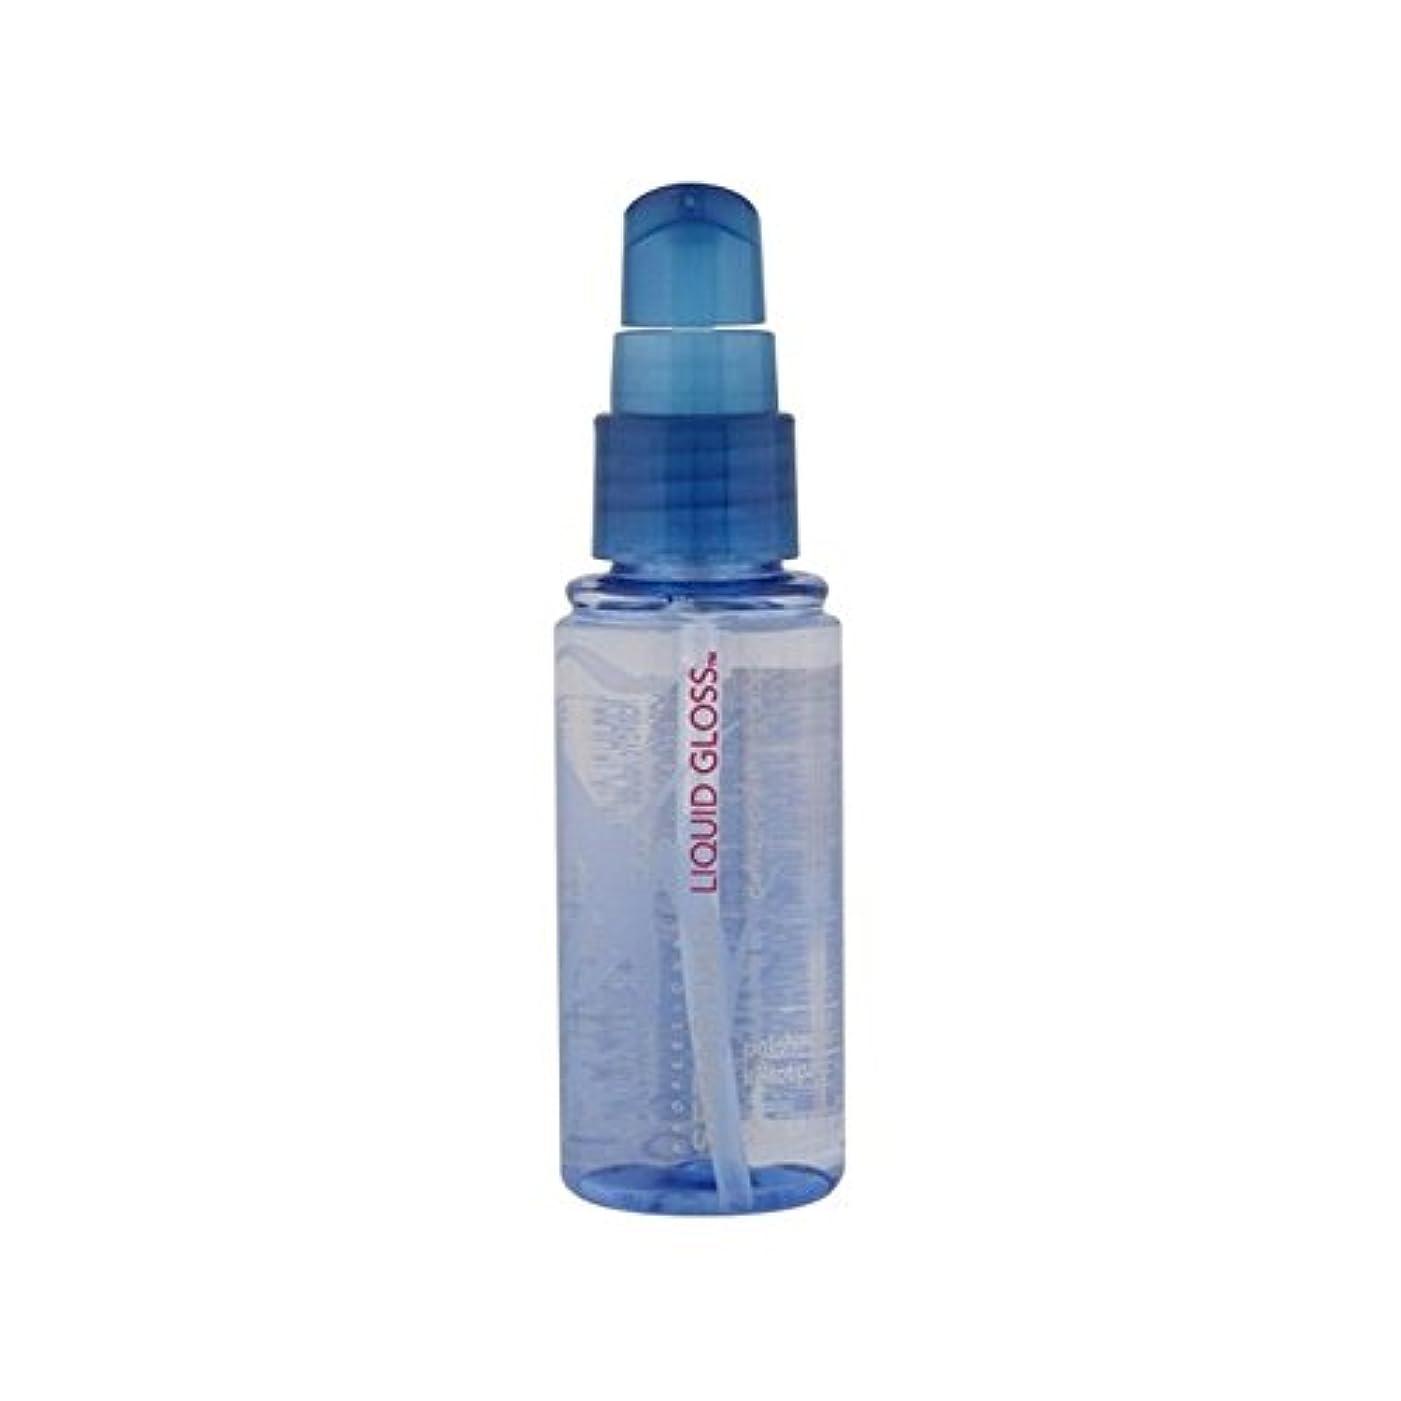 イタリック地域の確率Sebastian Professional Liquid Gloss (50ml) - セバスチャン専門の液体グロス(50ミリリットル) [並行輸入品]